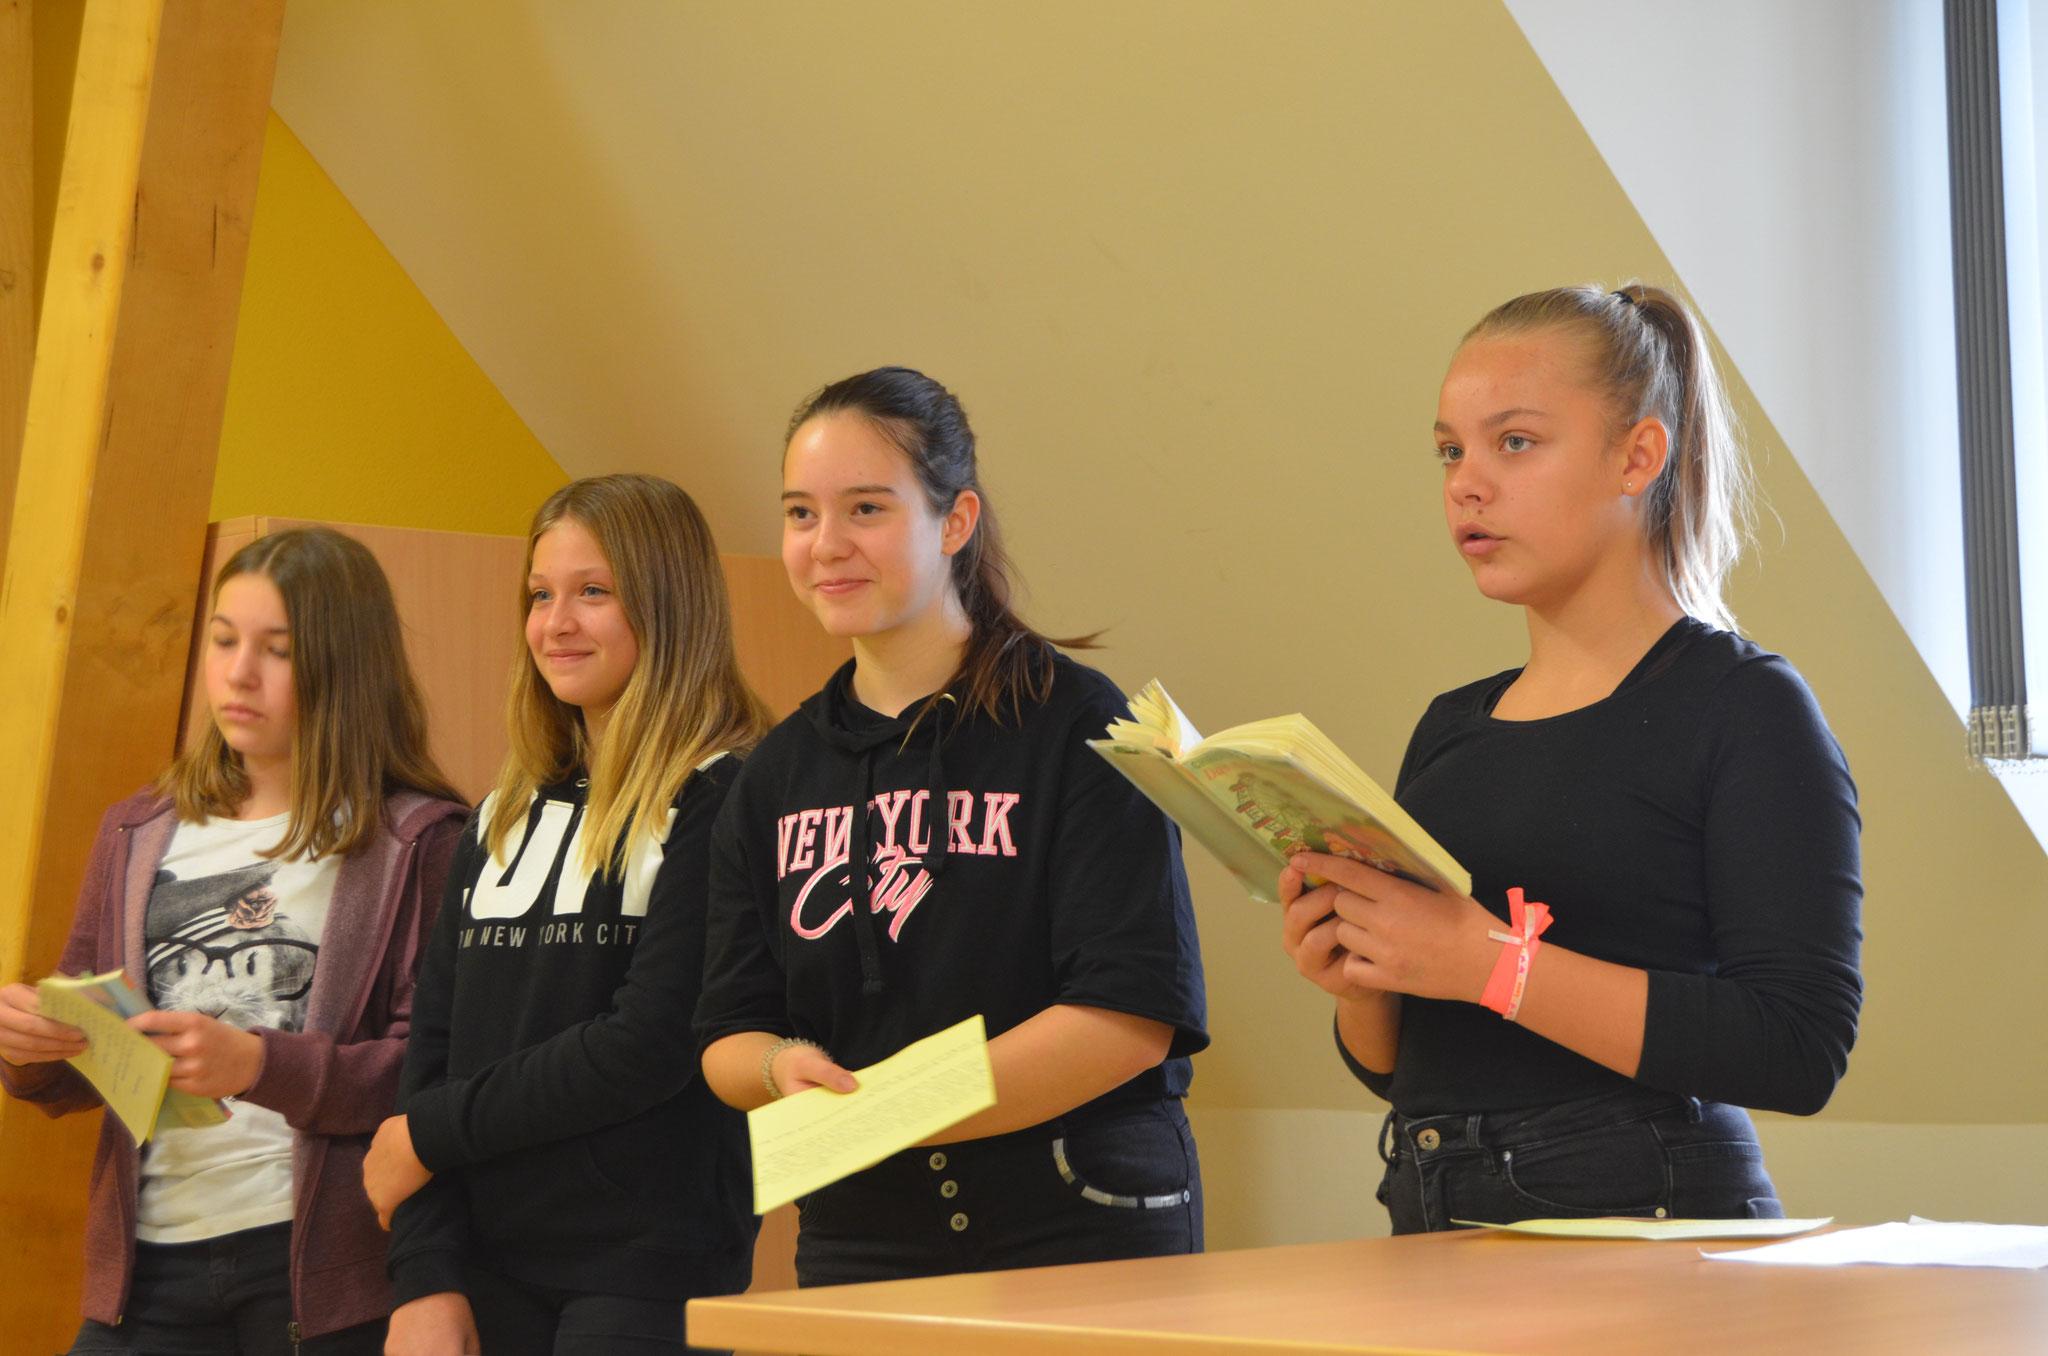 Alle Schüler bereiteten ihre Beiträge zum Tag der Offenen Tür im Vorfeld vor.